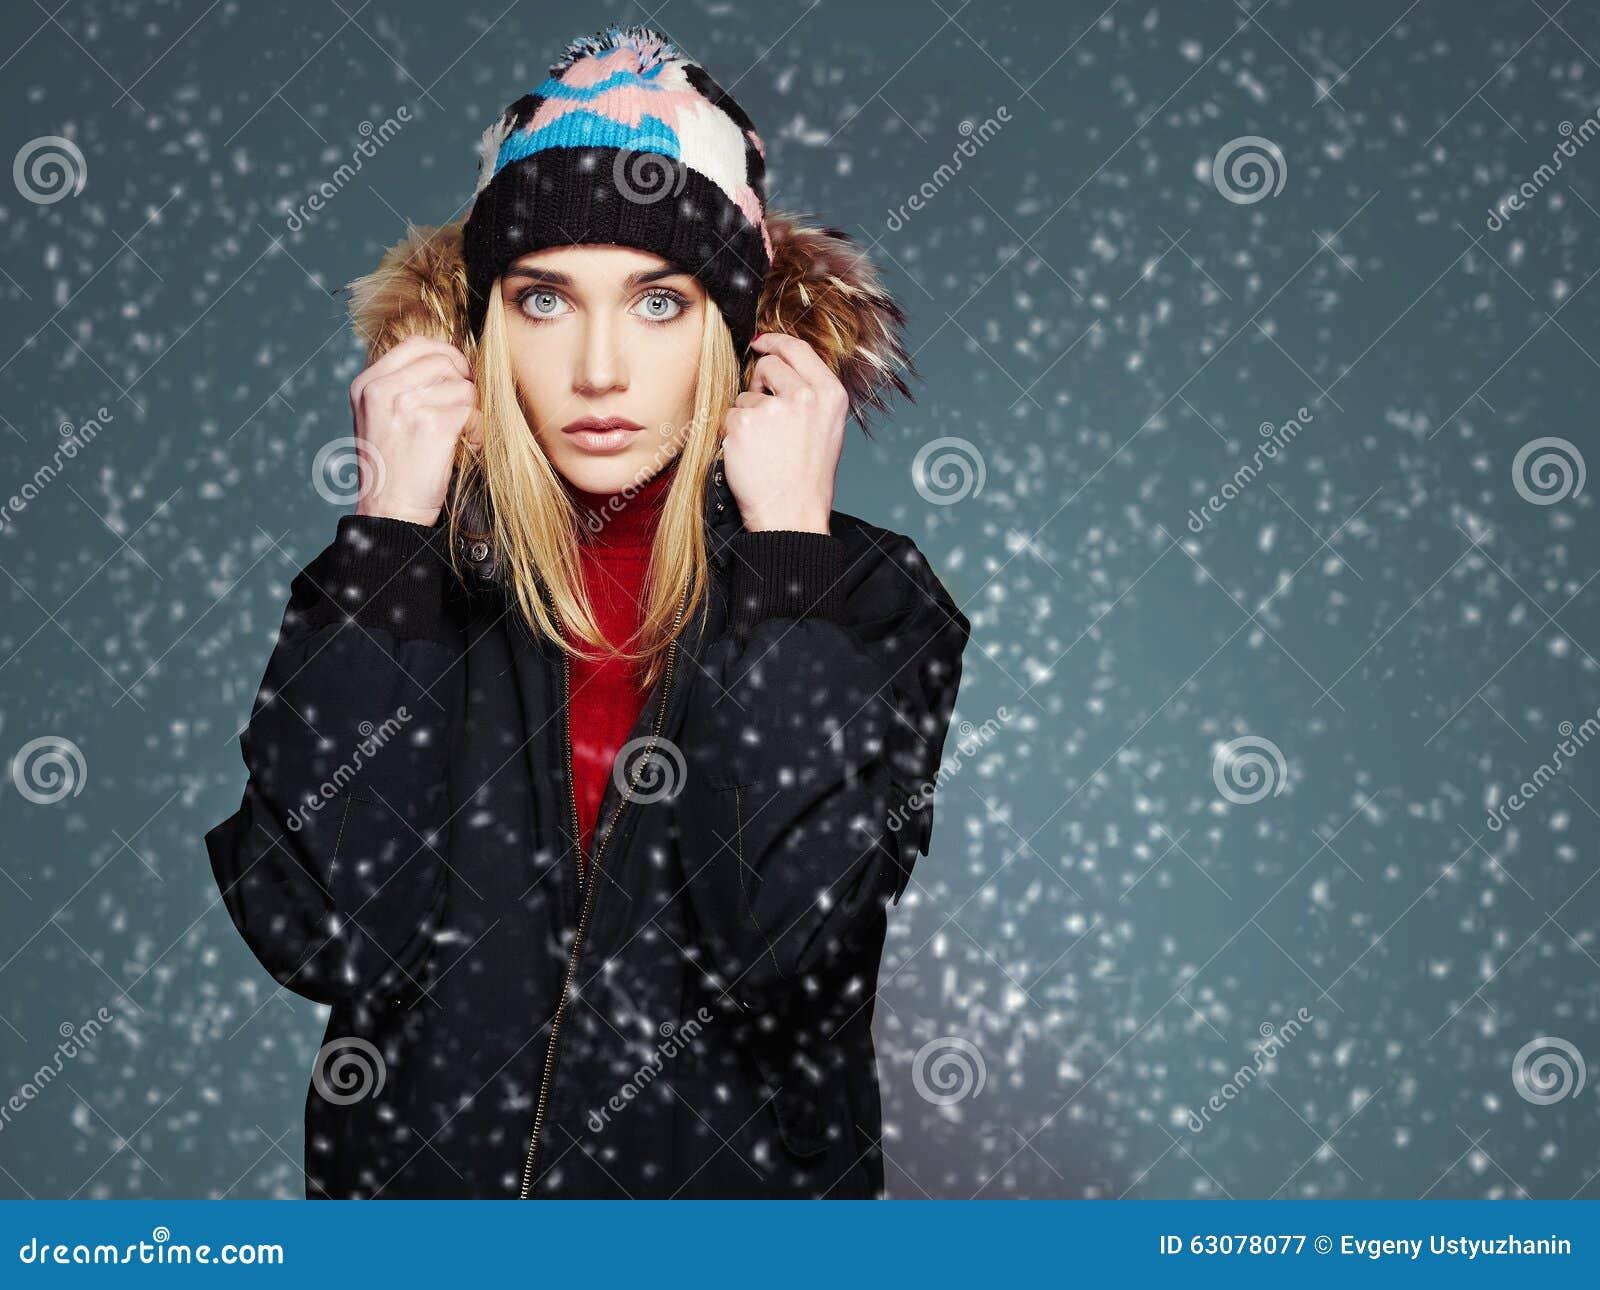 Download Fille De Style D'hiver De Milou Belle Jeune Femme De Mode Dans Le Chapeau Image stock - Image du modèle, nordique: 63078077